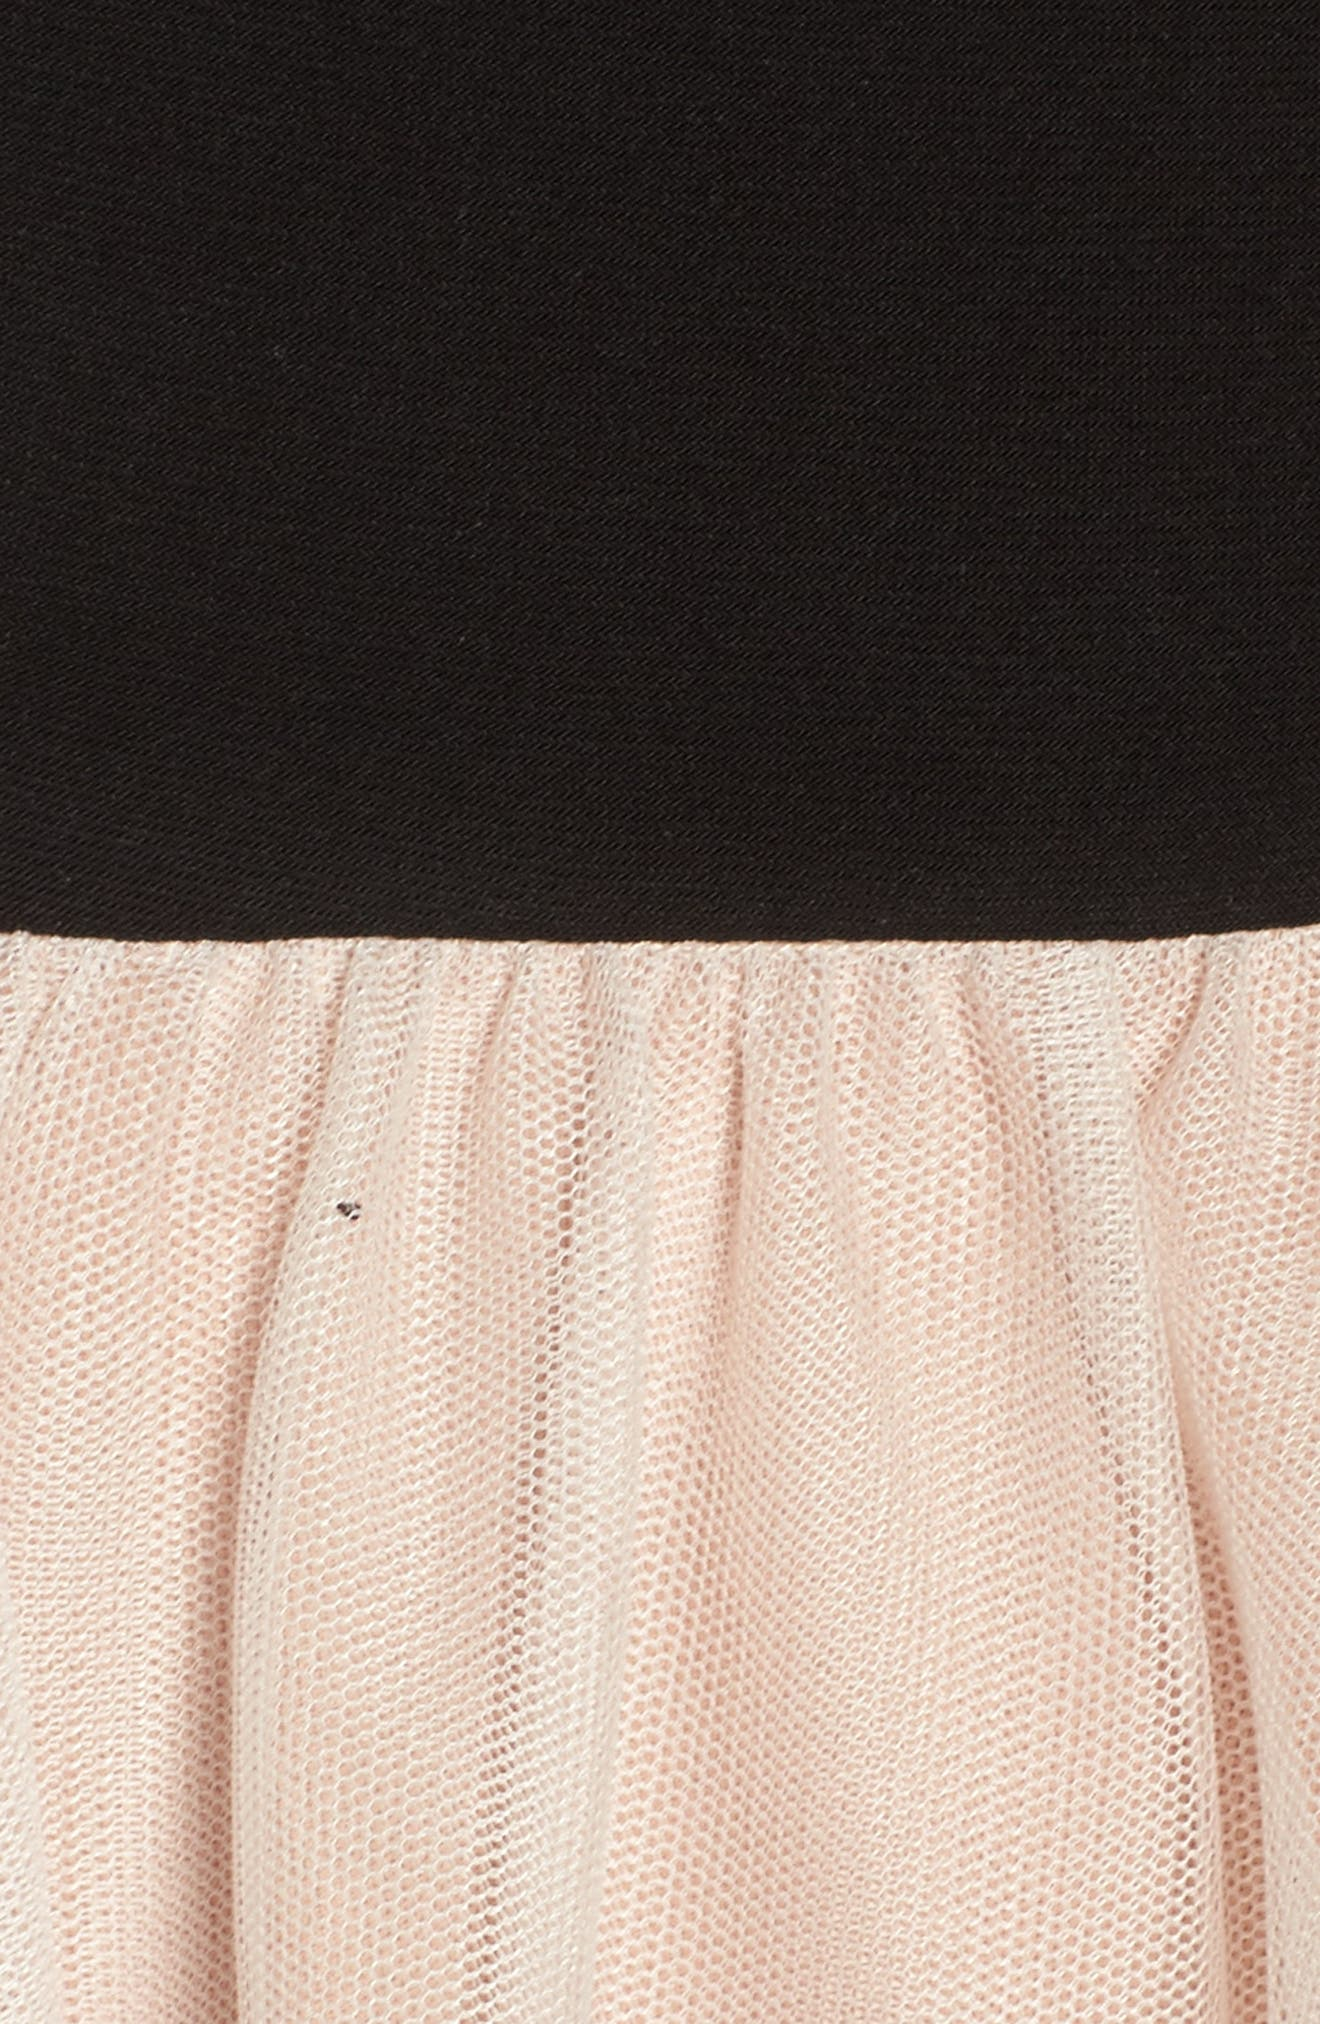 Appliqué Fit & Flare Dress,                             Alternate thumbnail 5, color,